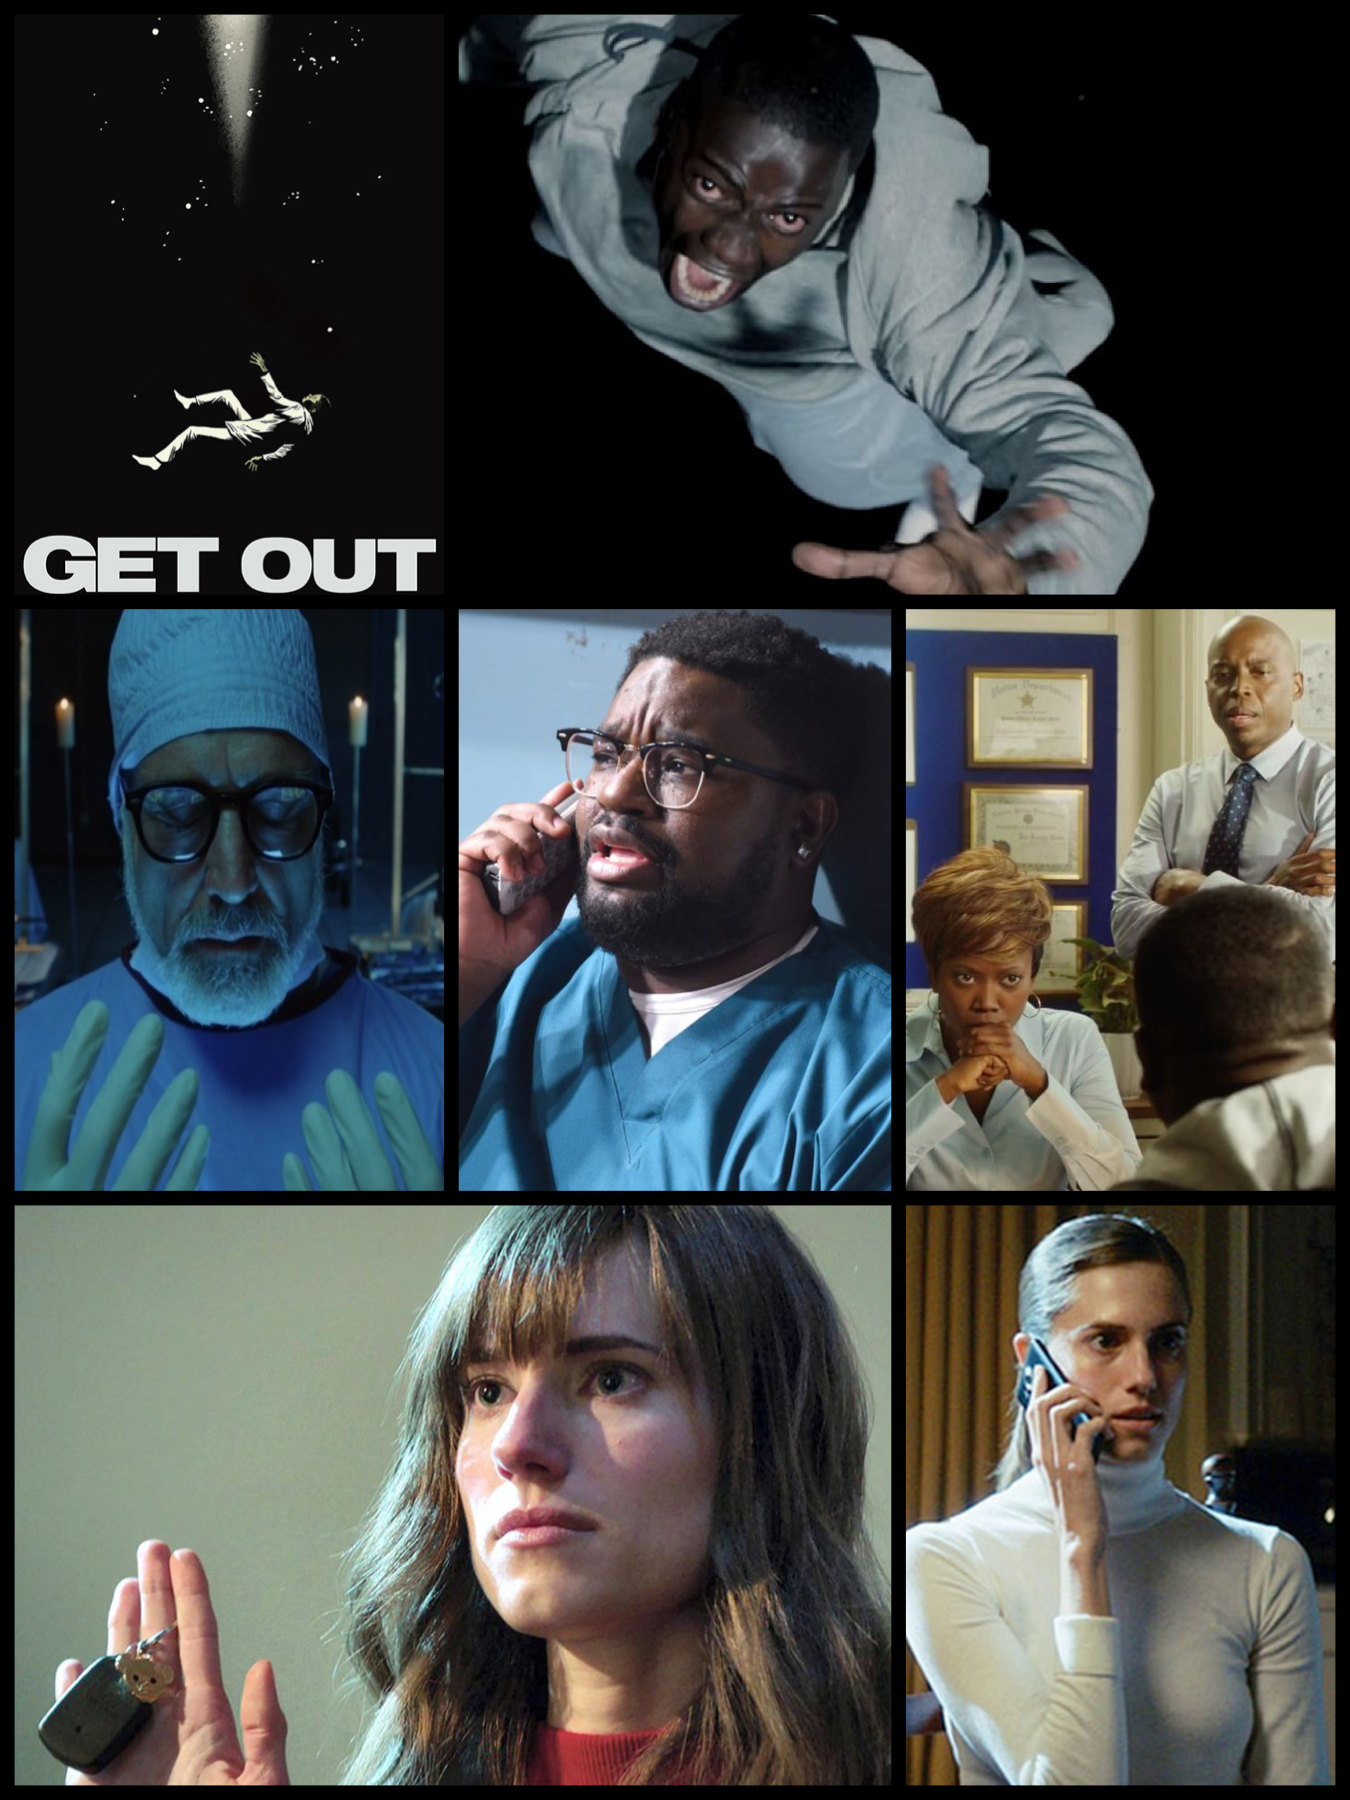 米映画「GET OUT」ゲットアウト